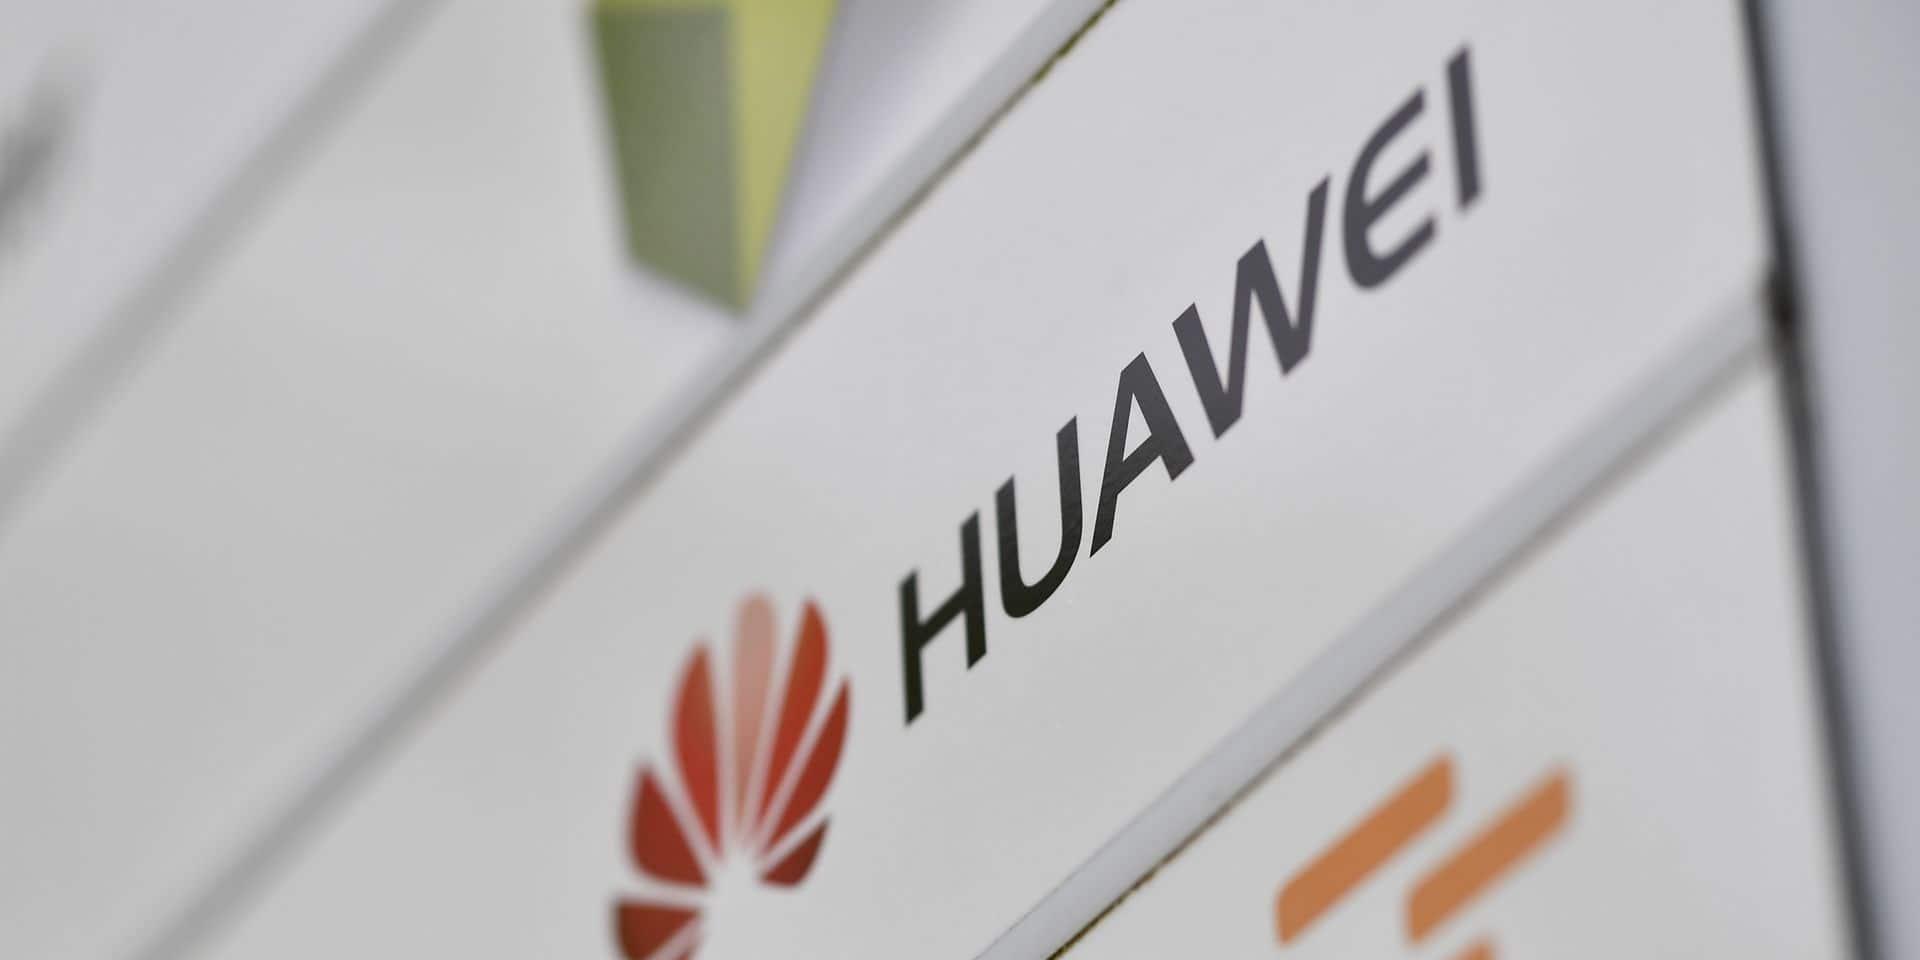 Une cadre de Huawei accuse le Canada d'avoir détruit des preuves compromettantes